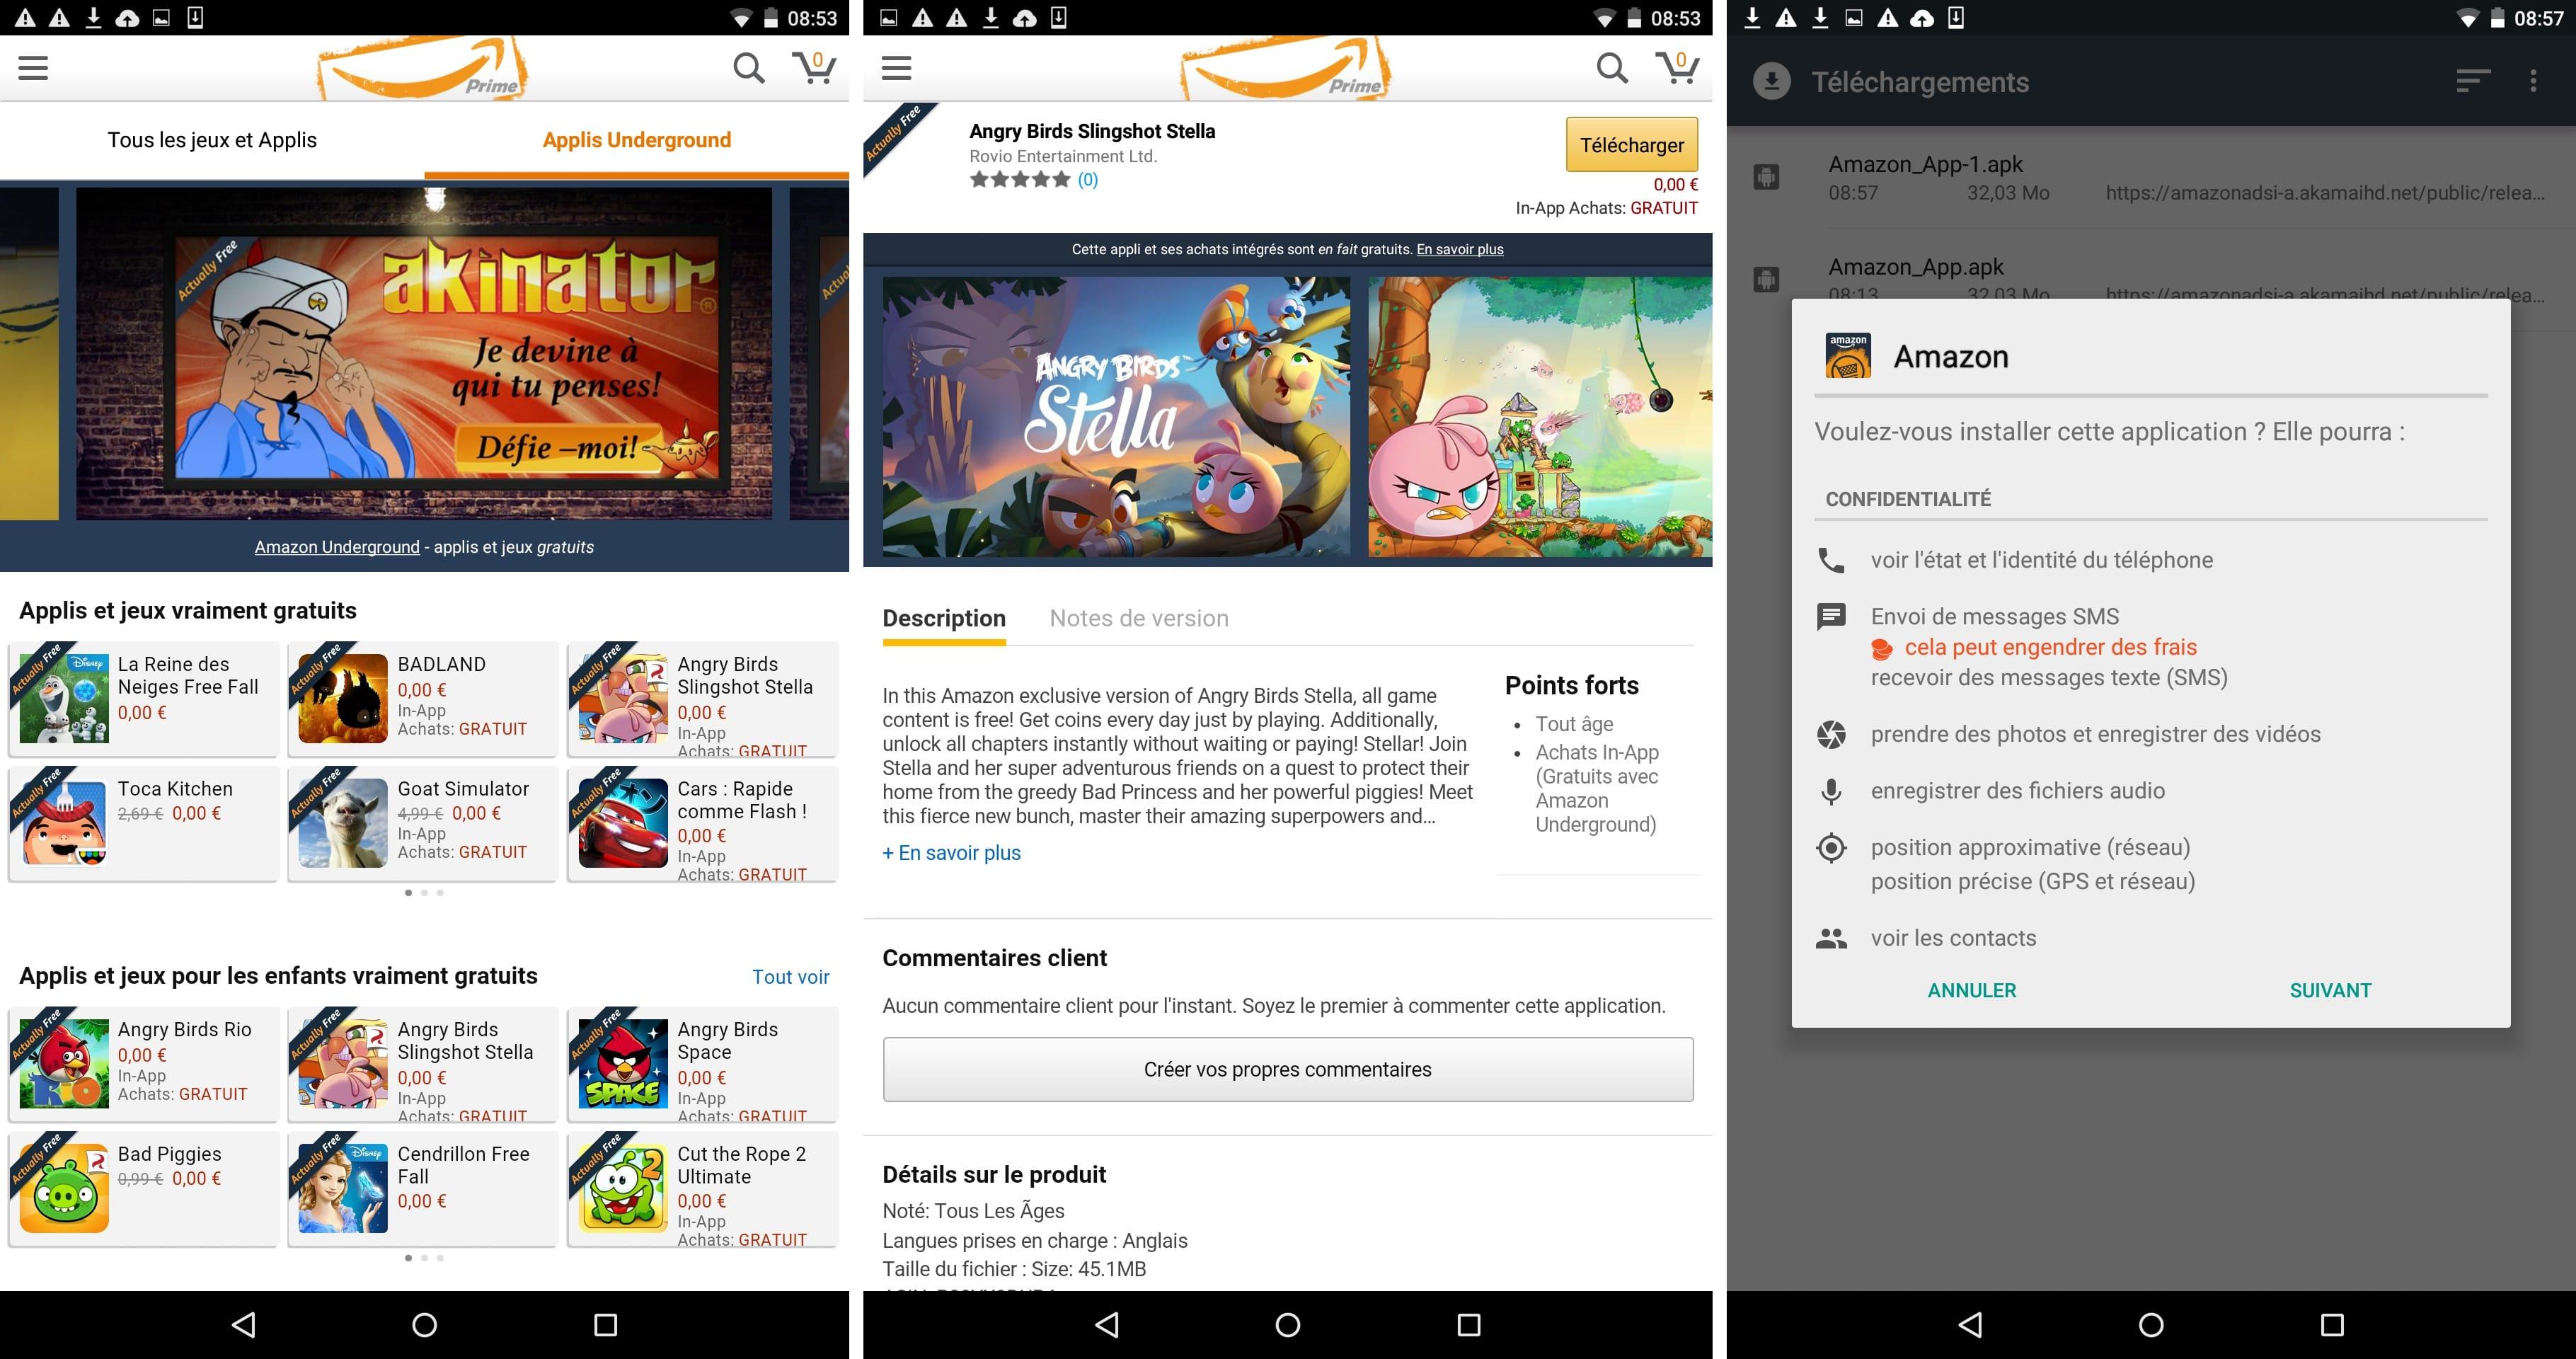 va en effet fermer ses portes cet été pour les utilisateurs qui l ont installée sur leurs appareils Android via l autre magasin d apps d Amazon